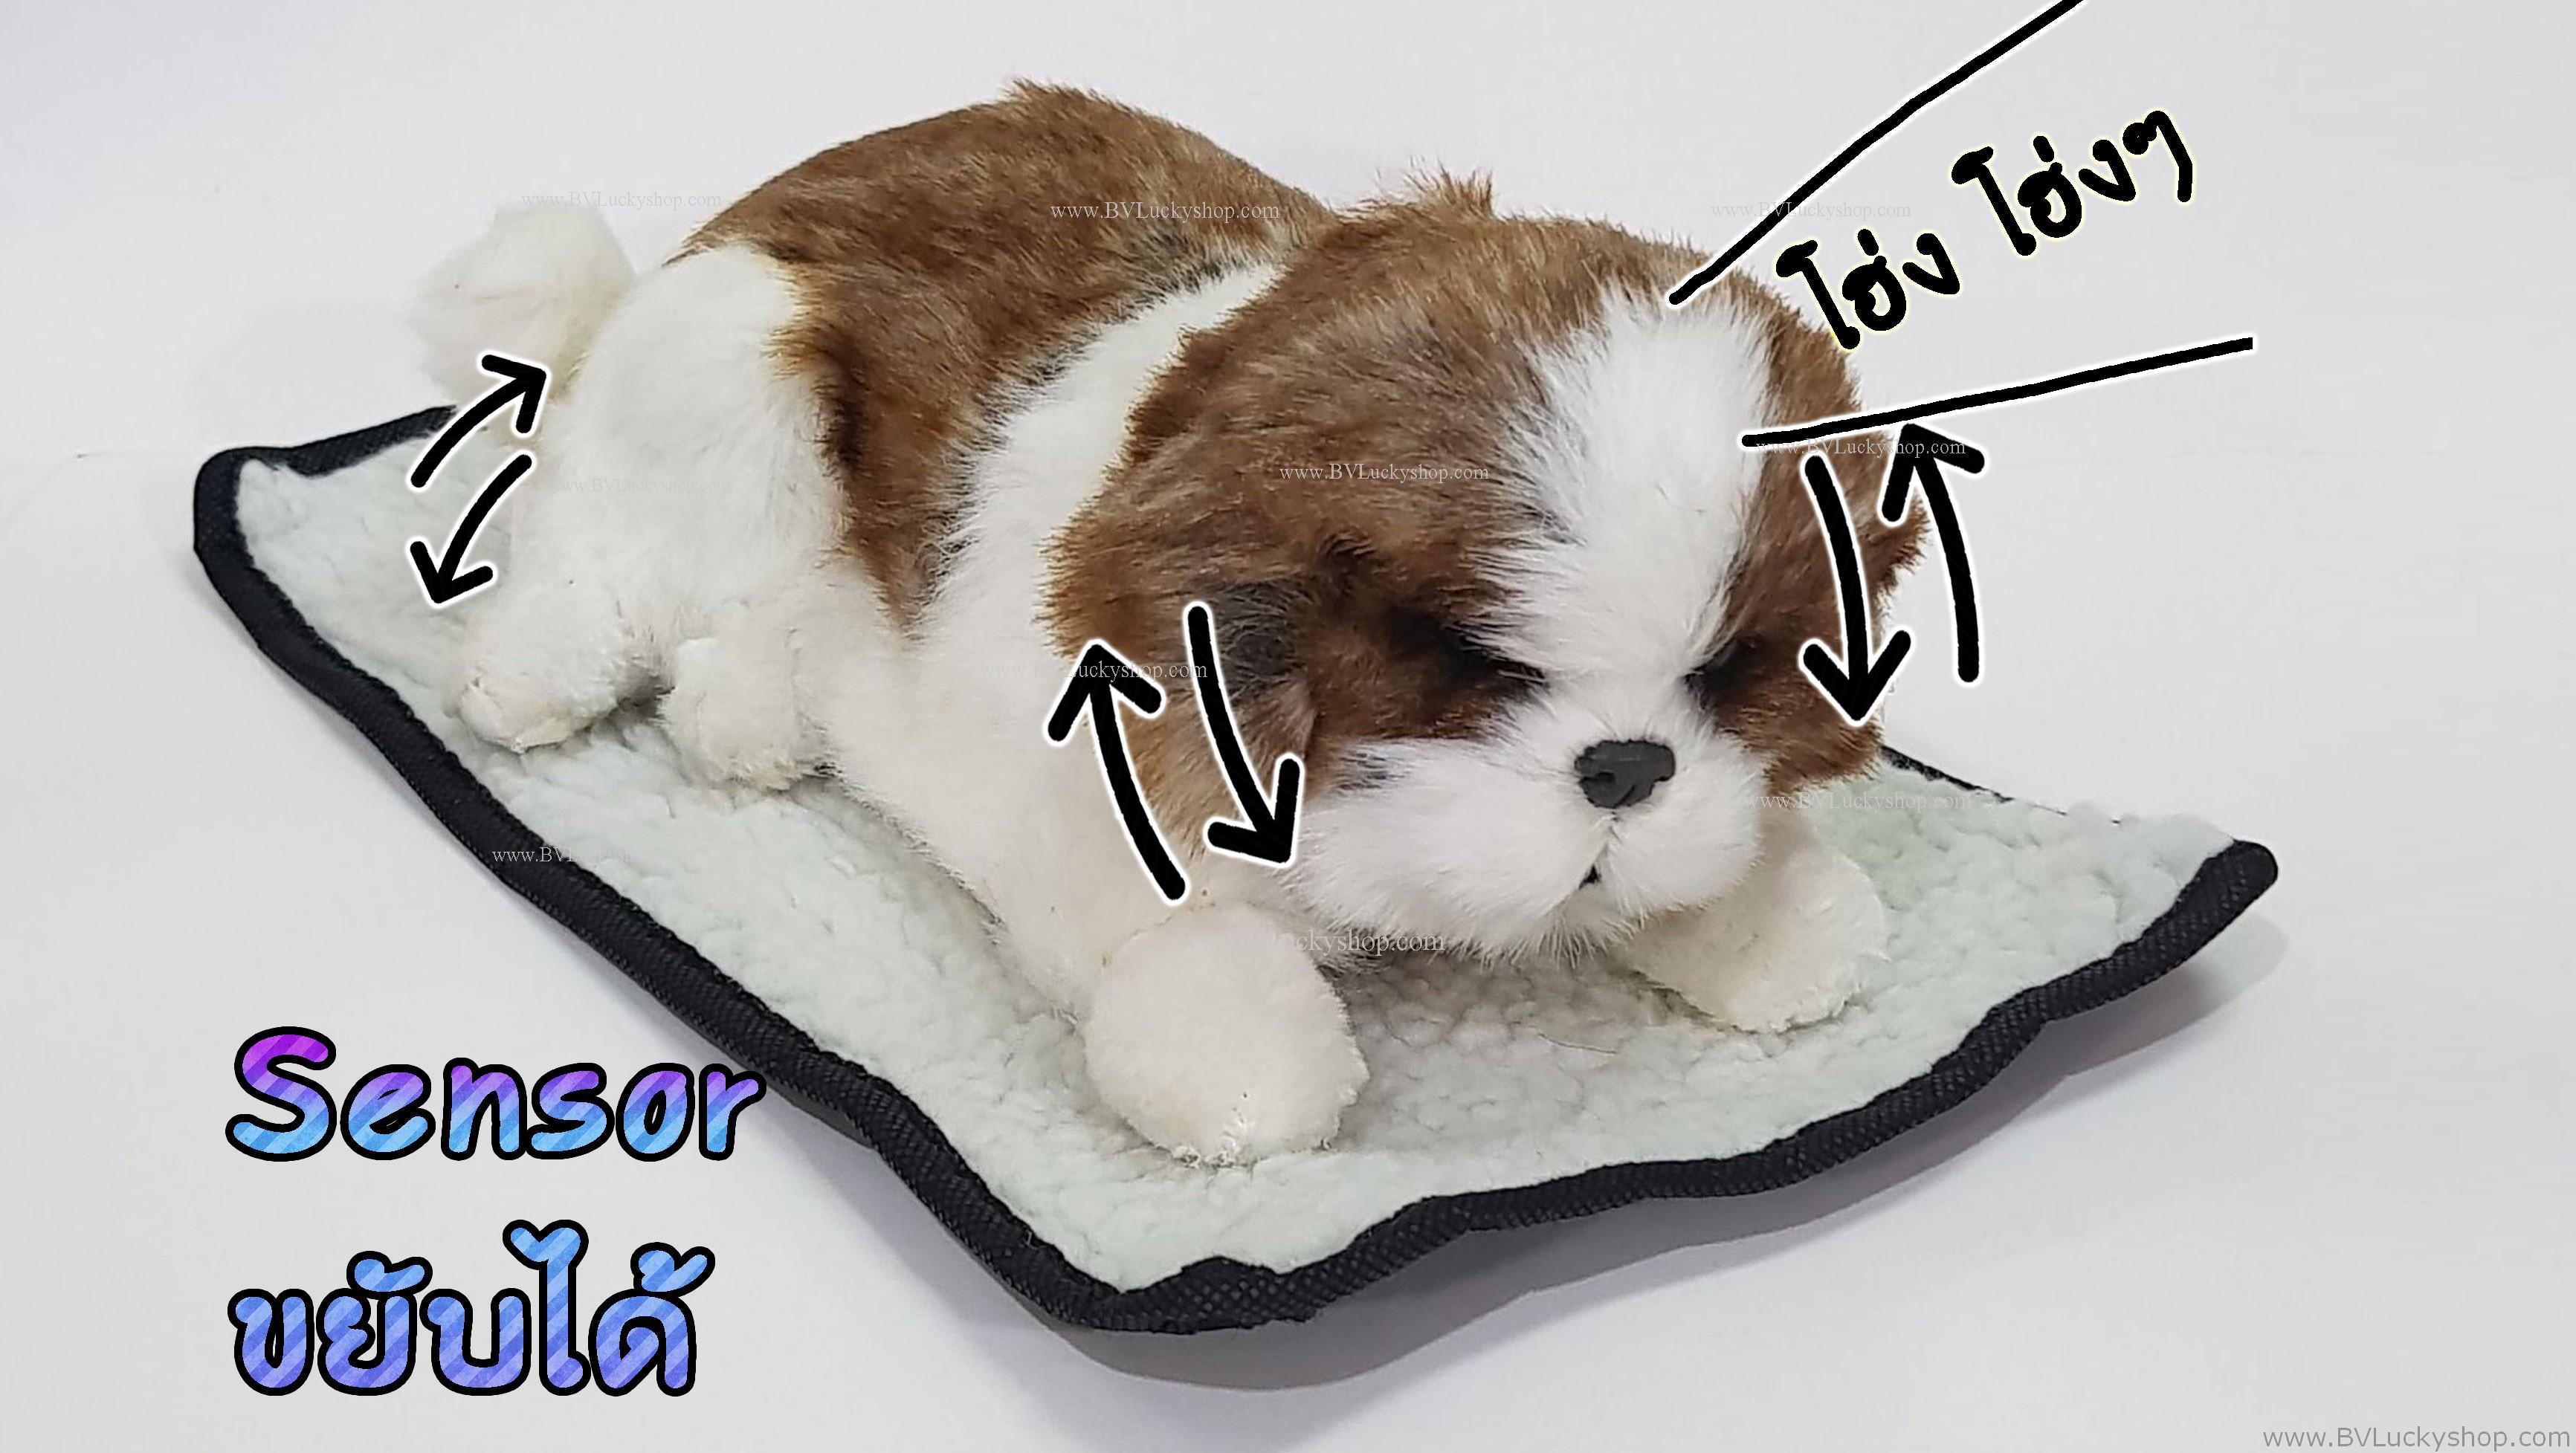 ตุ๊กตาหมา เซ็นเซอร์จับมือผ่าน แล้วส่วนหัวและหางจะเคลื่อนไหว และมีเสียงเห่าด้วย [Dog-SS5]